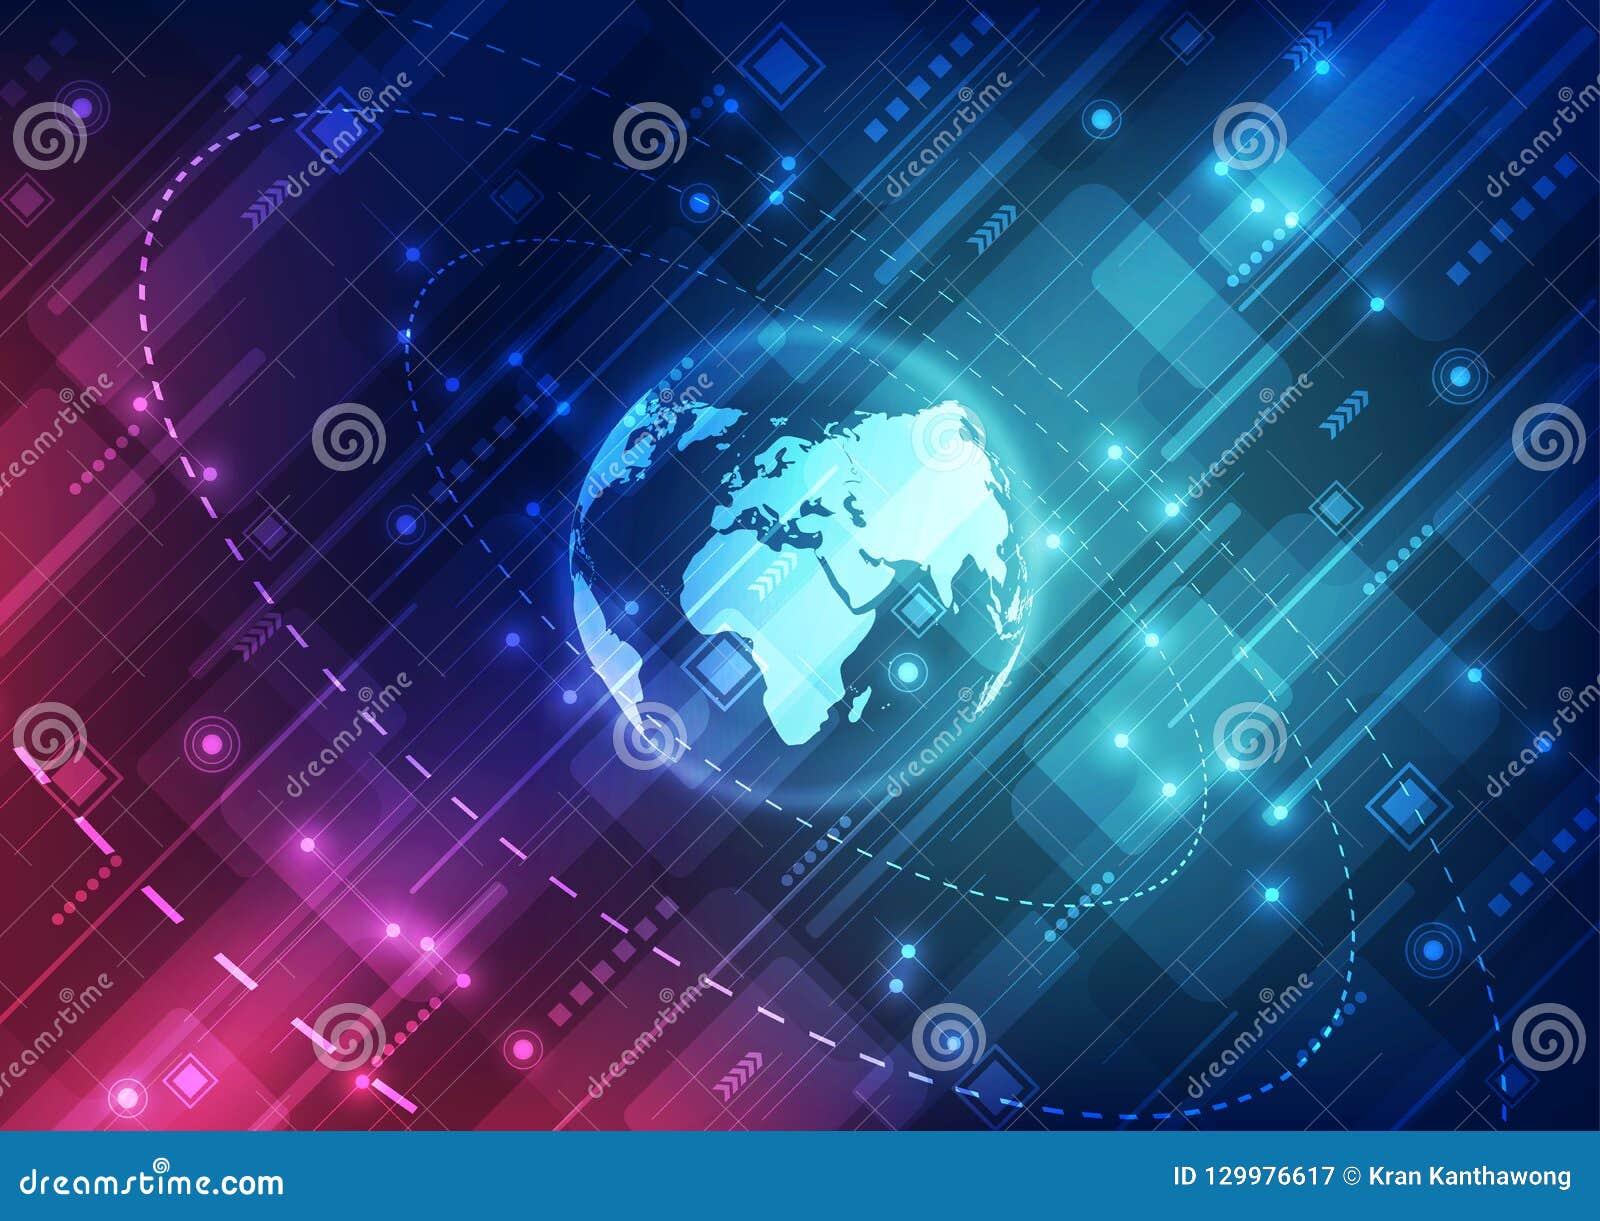 Vector o conceito global digital da tecnologia, ilustração abstrata do fundo